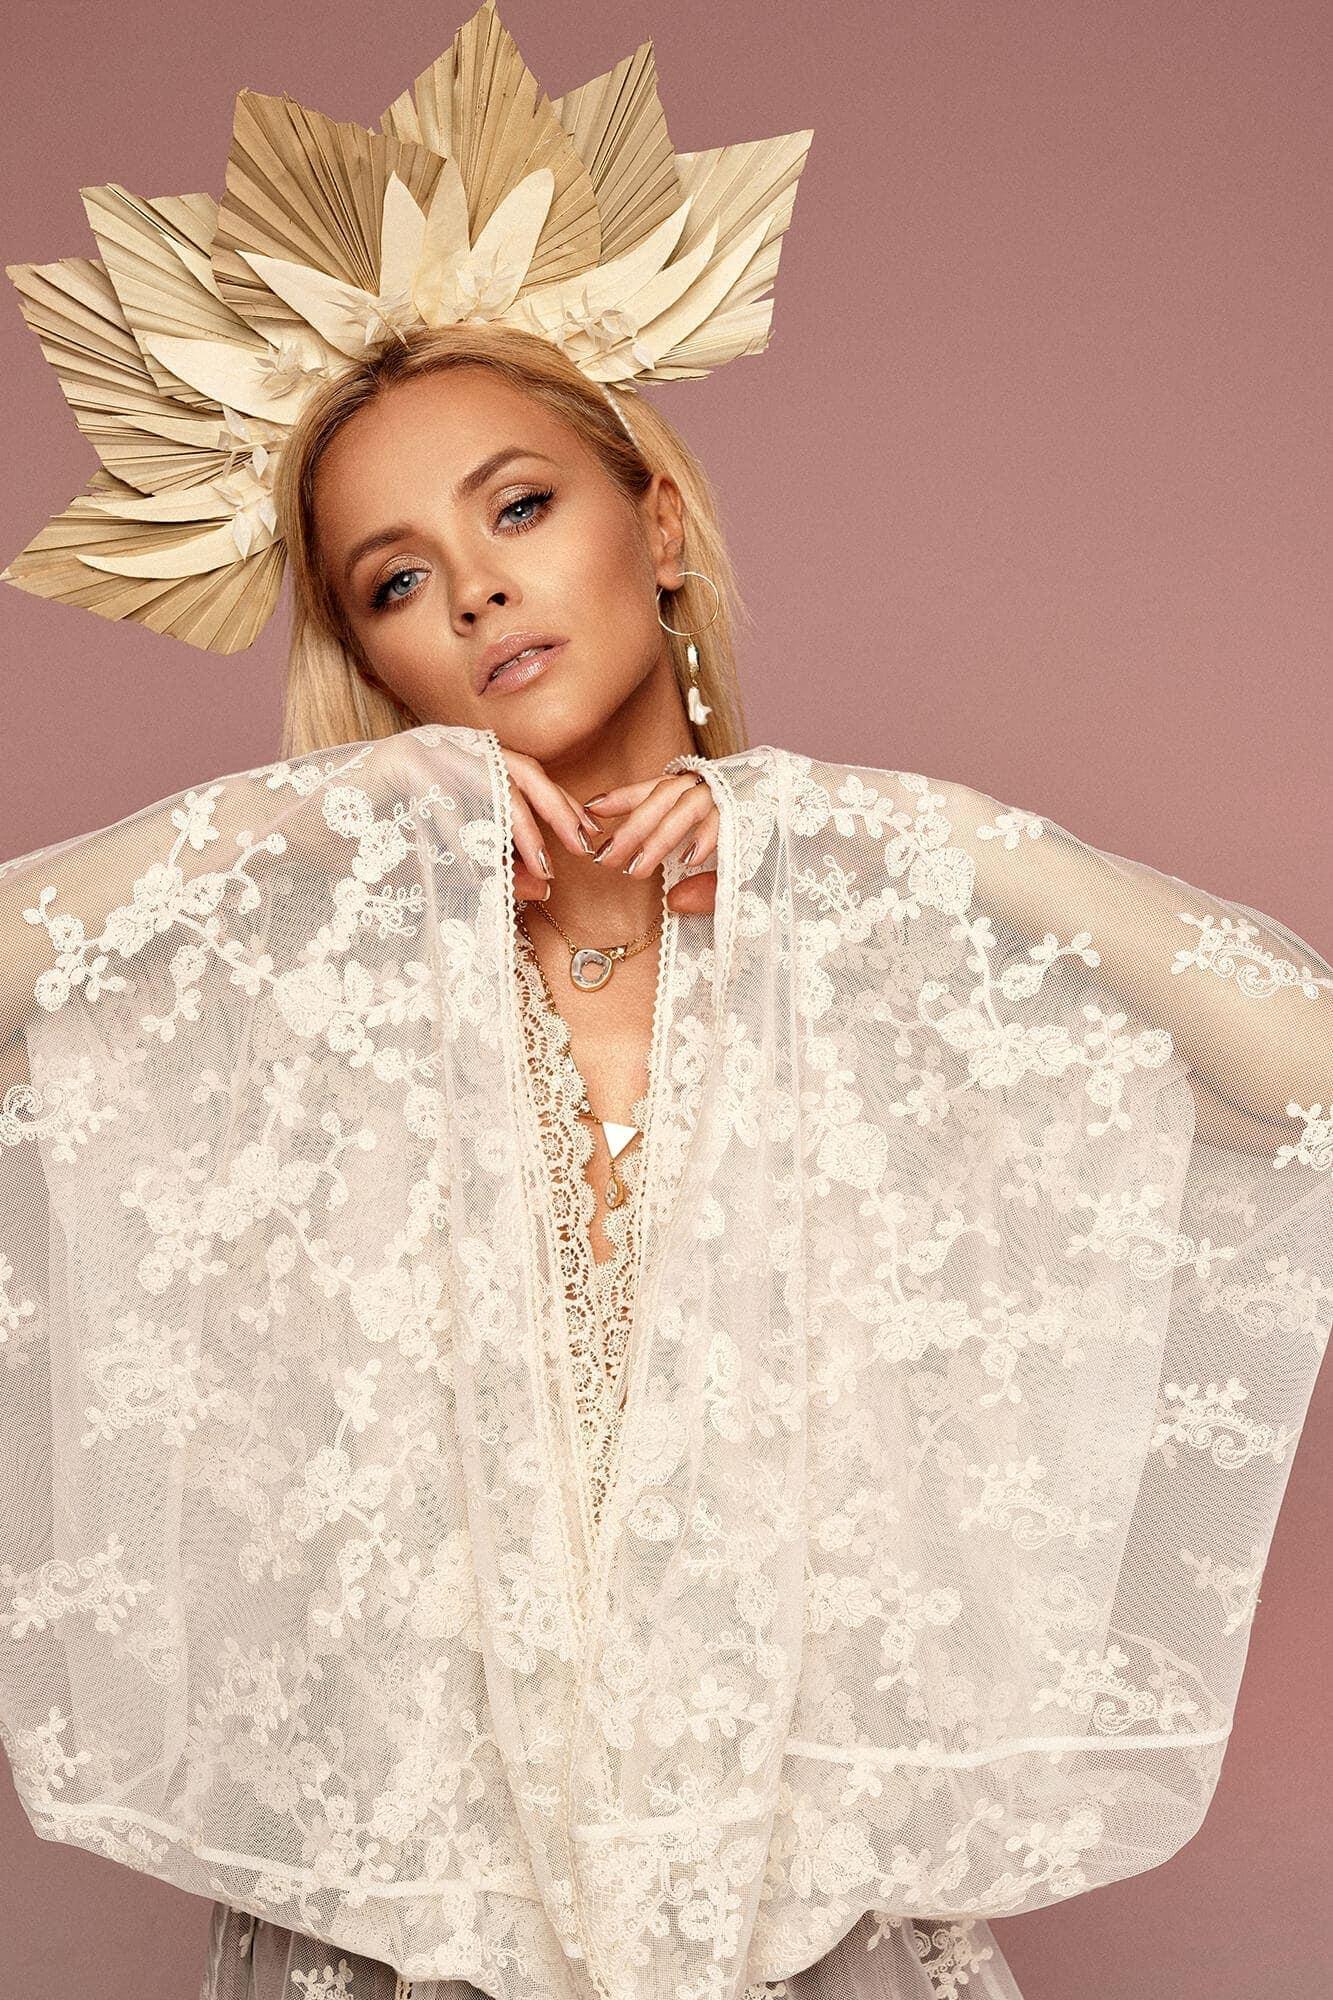 Bluzka - kimono z koronki no. 12 Haute Couture collection Haute Couture 12